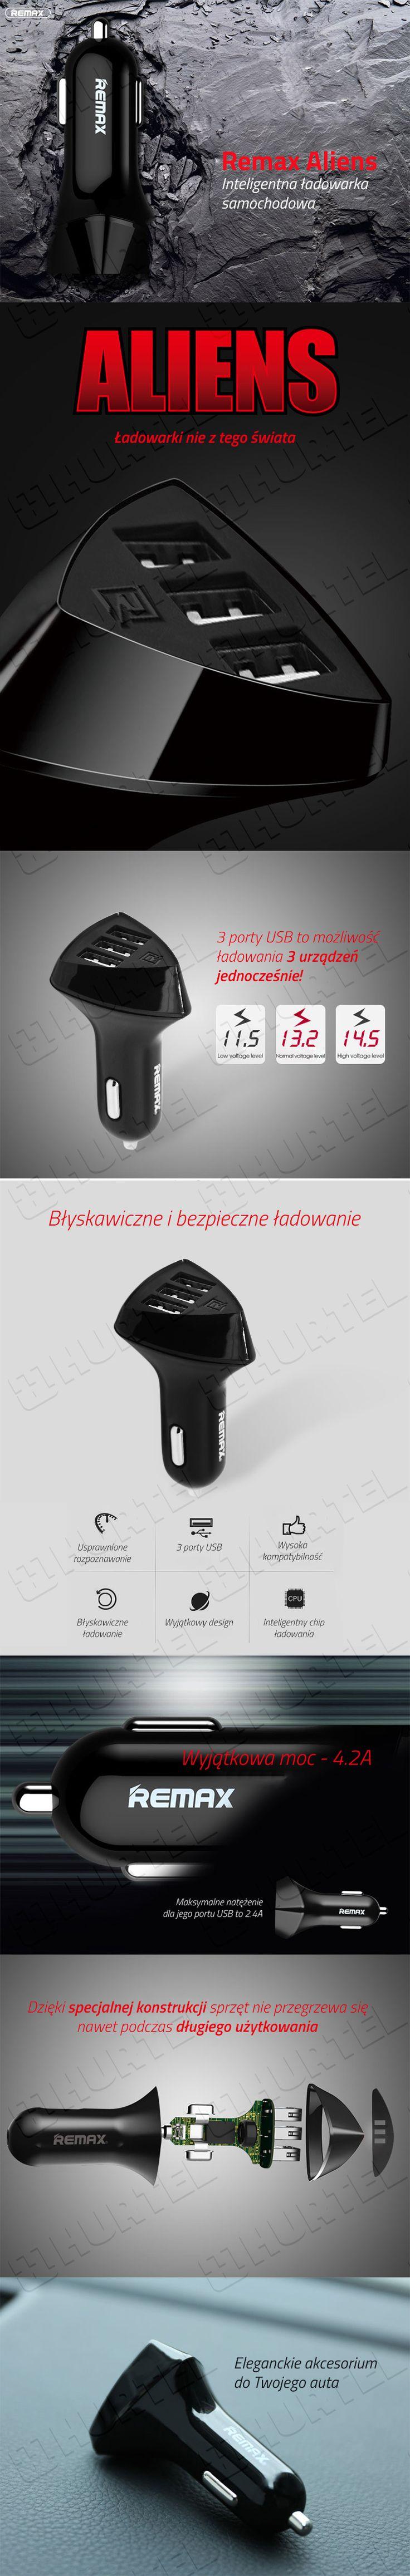 Uniwersalna ładowarka samochodowa 3 x USB Remax RCC-340 Alien 4.2A 1A czarna